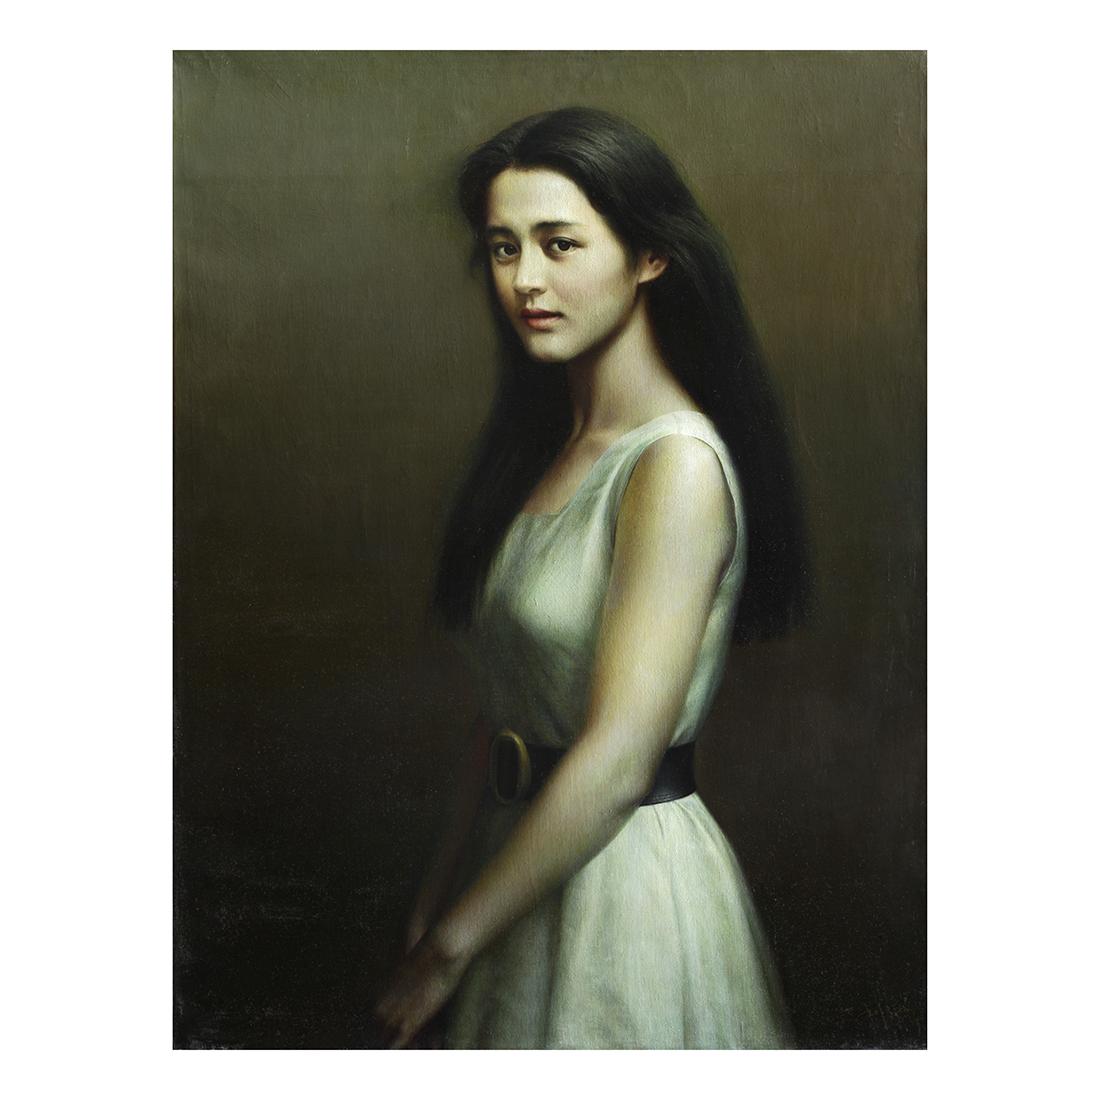 少女  1991年 92x73cm 布面油画